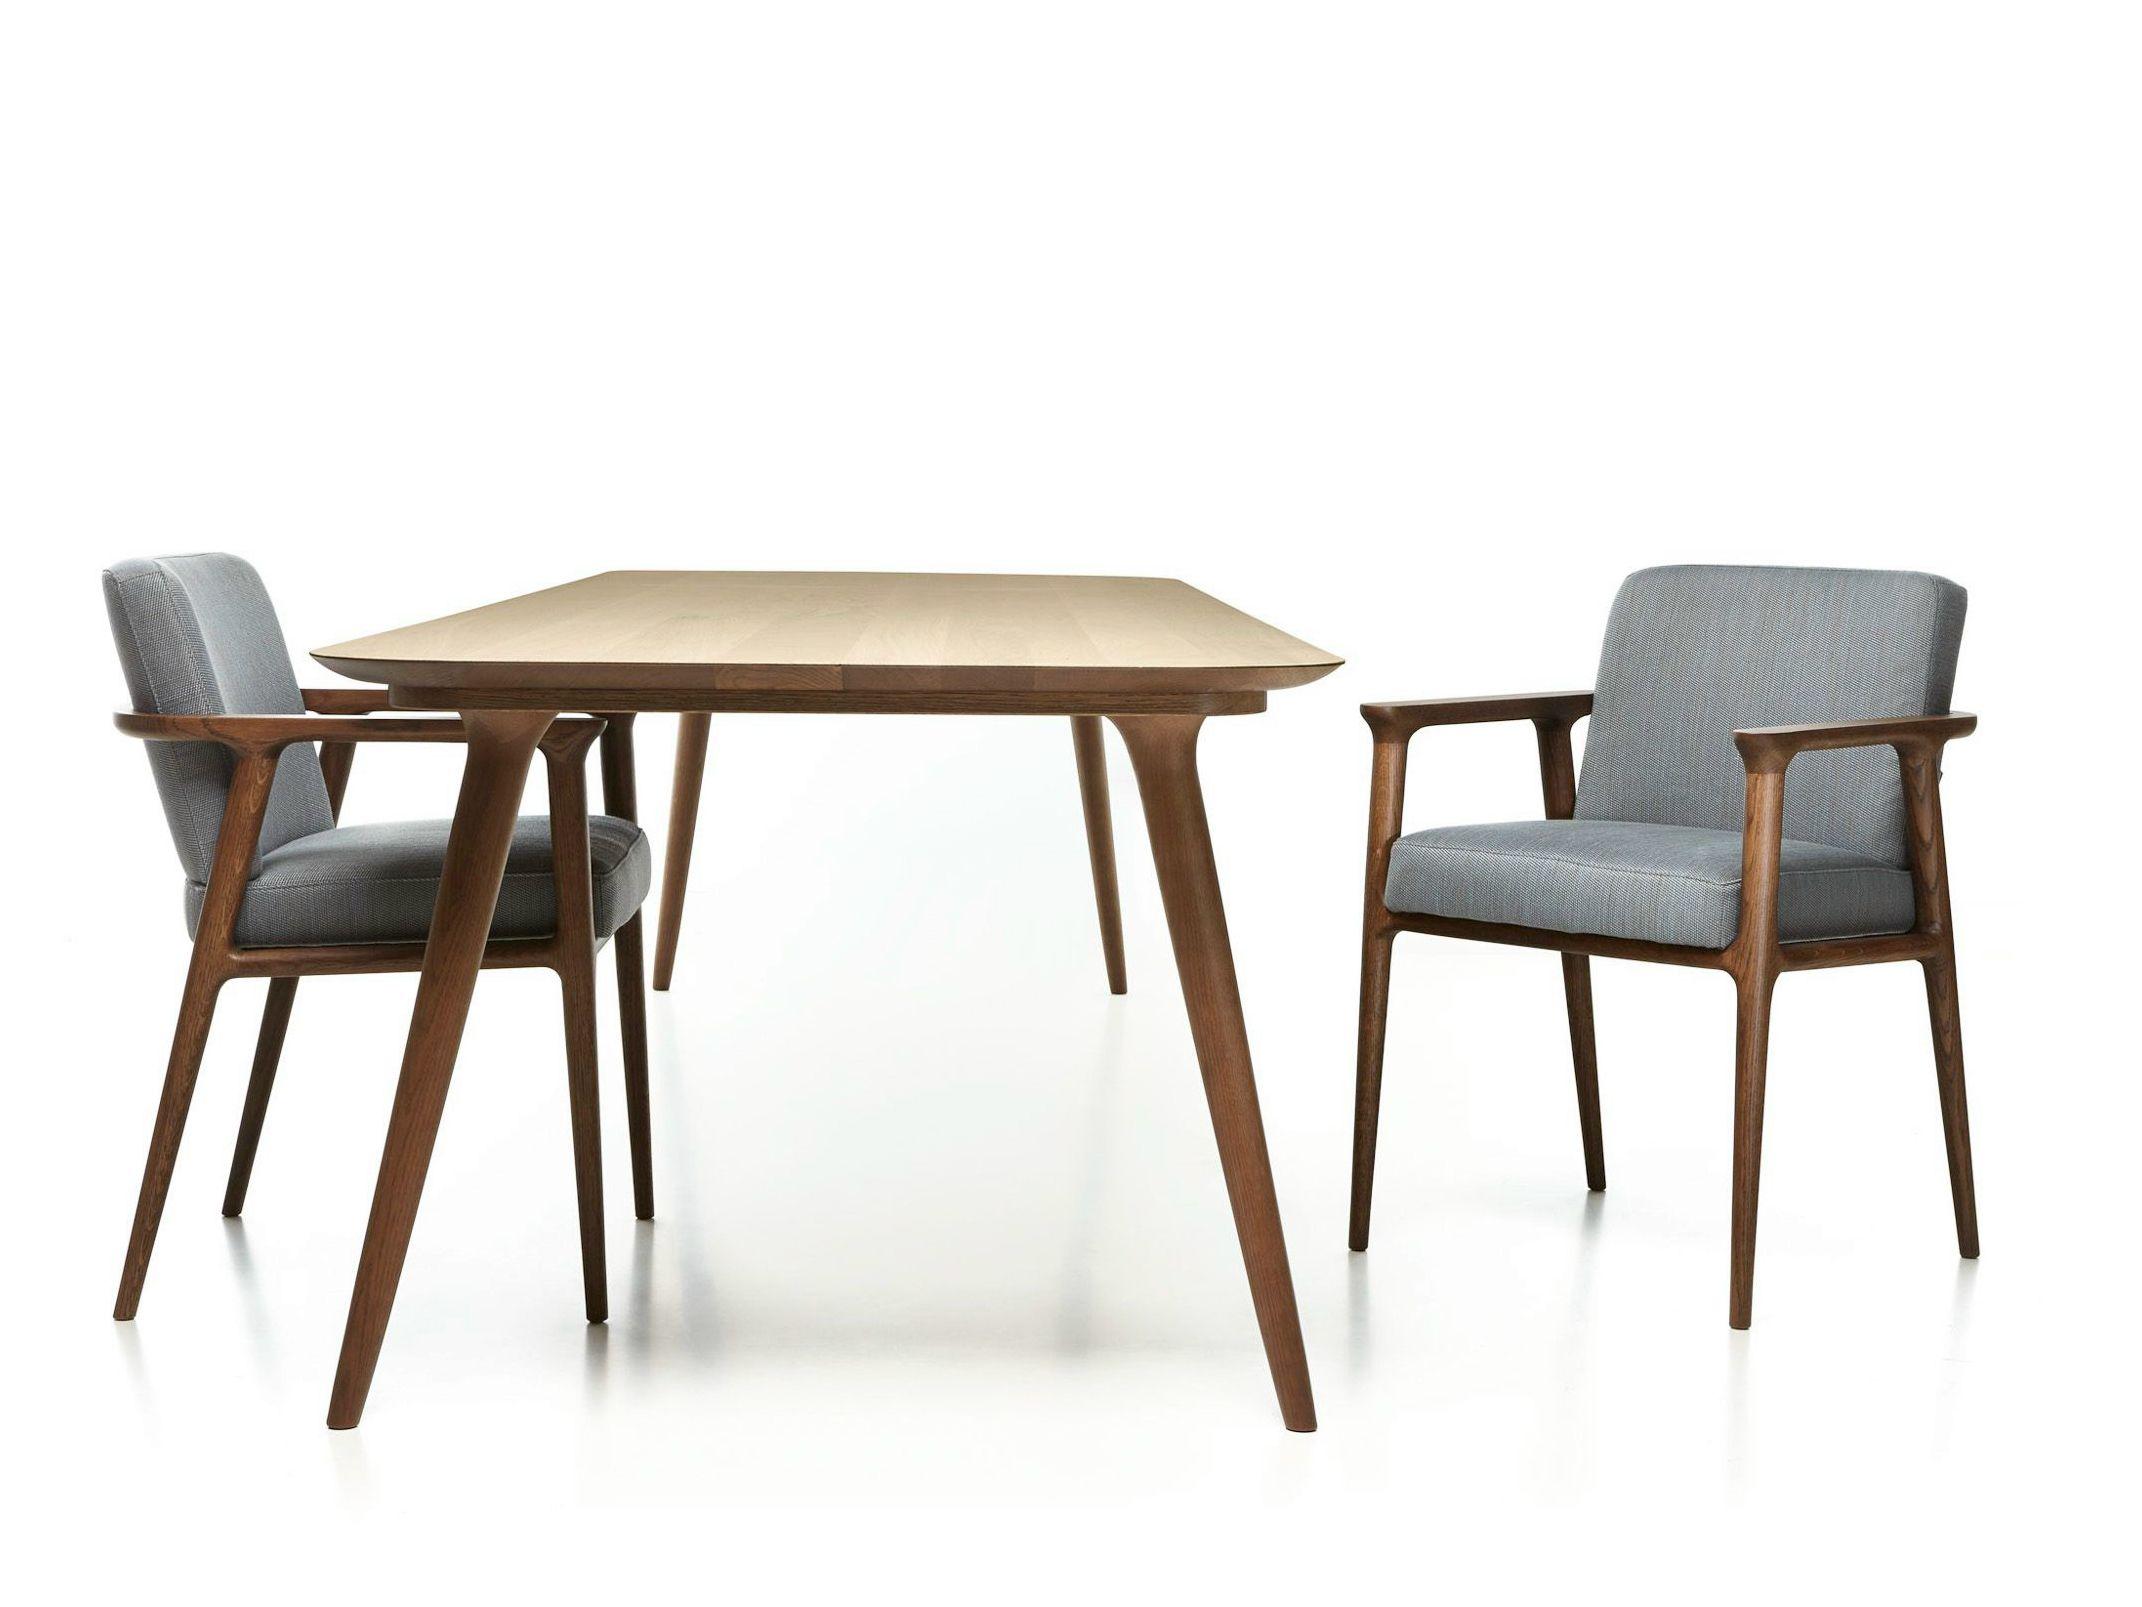 Faszinierend Esstisch Stühle Mit Armlehne Referenz Von Gepolsterter Stuhl Armlehnen Zio Dining Chair By